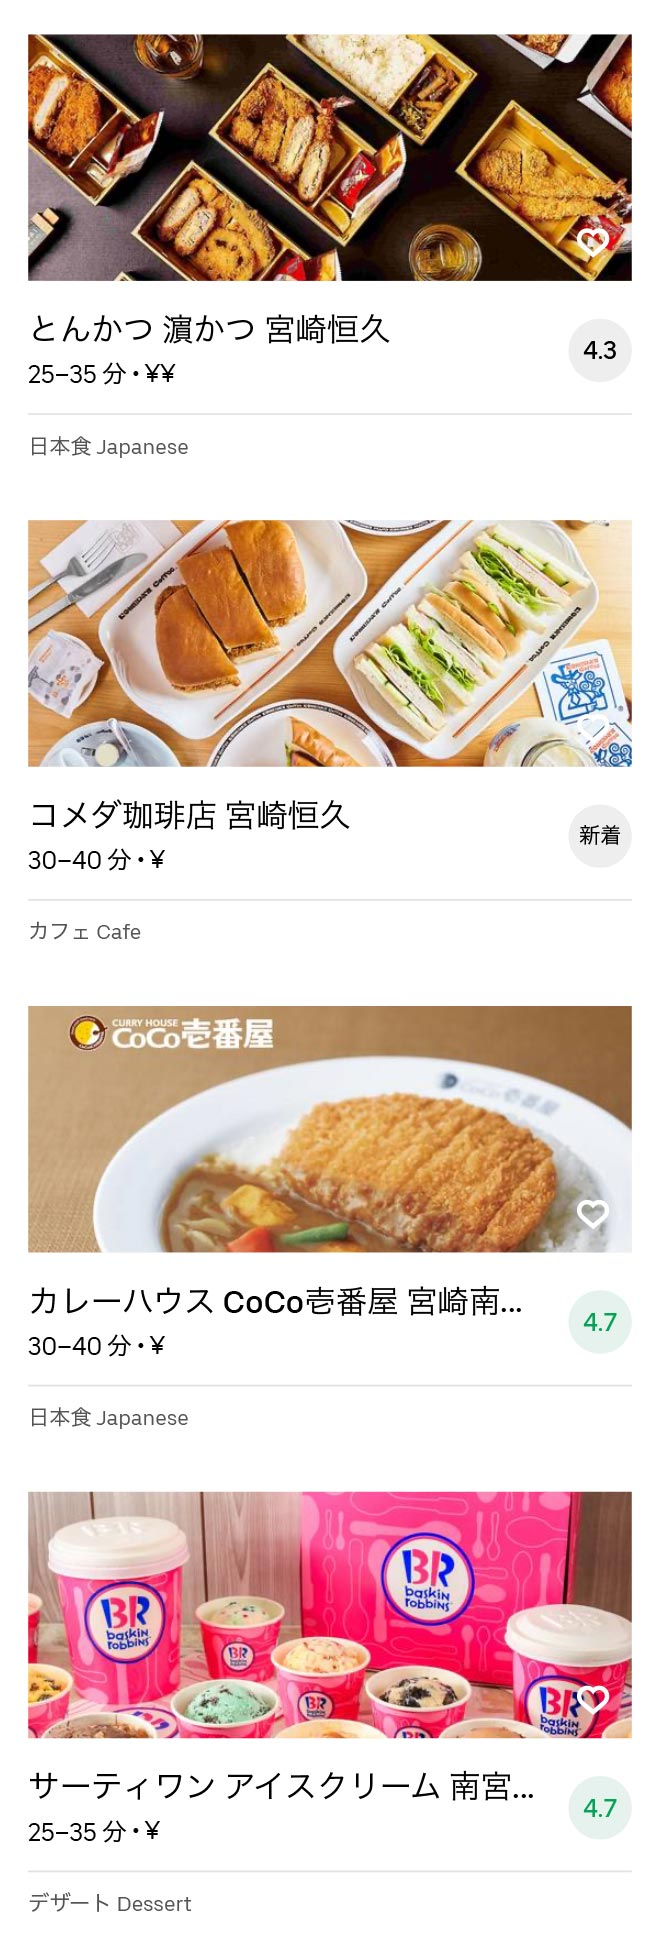 Tayoshi menu 2009 2